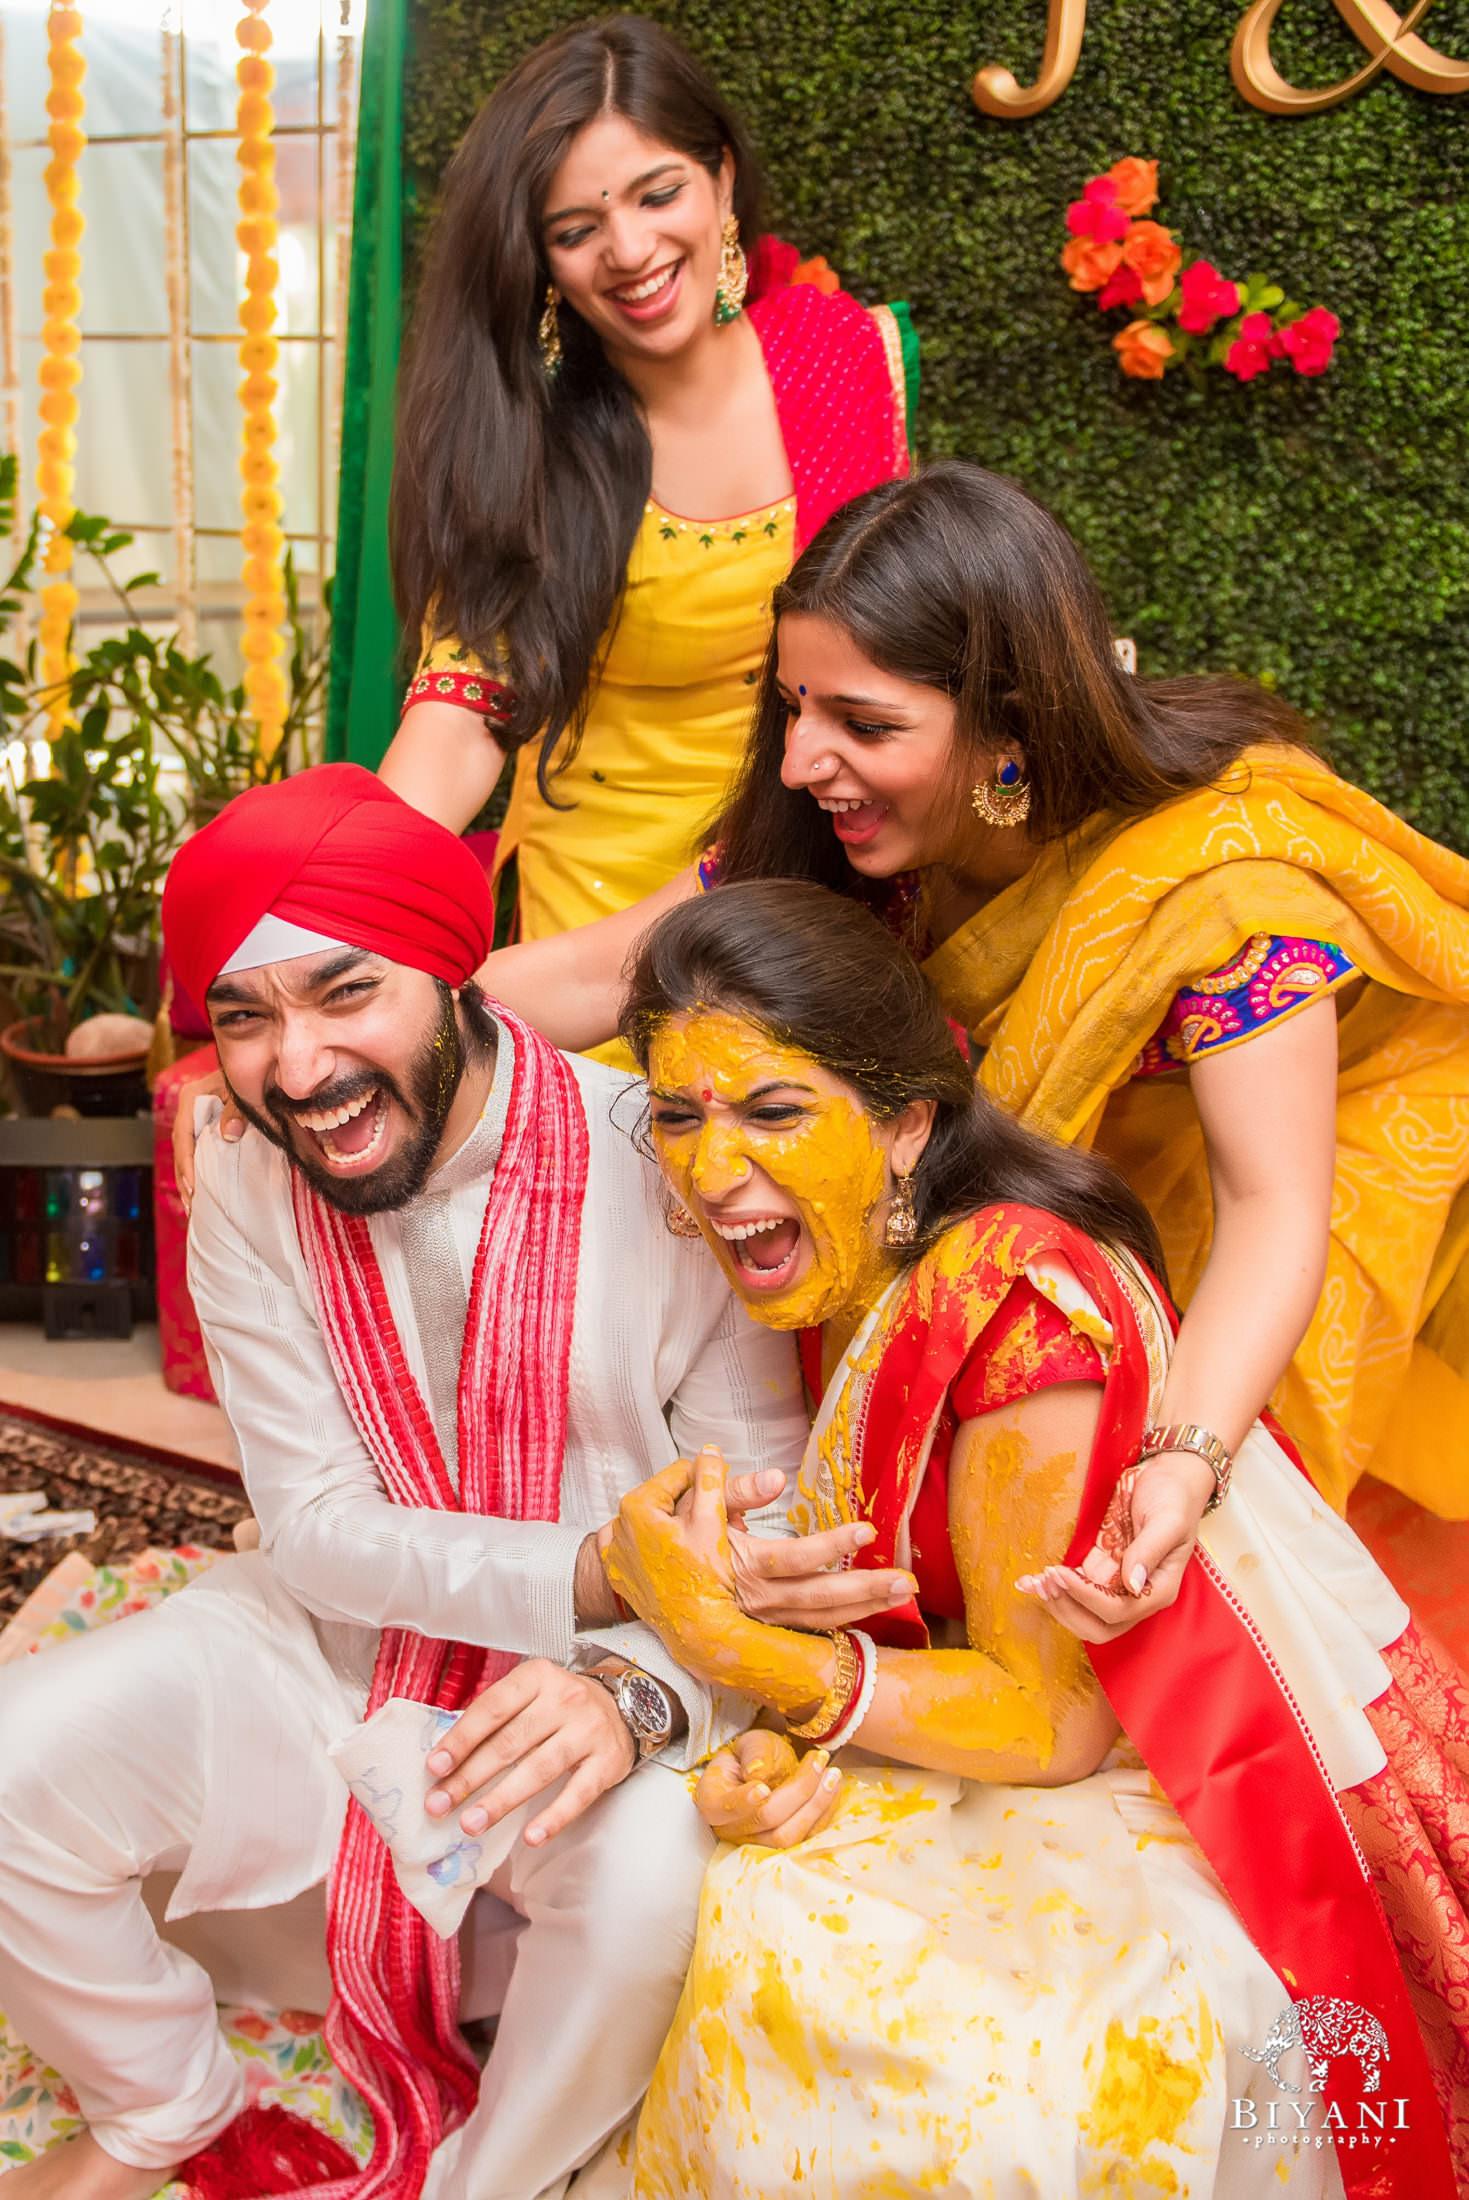 Sikh Wedding Haldi ceremony